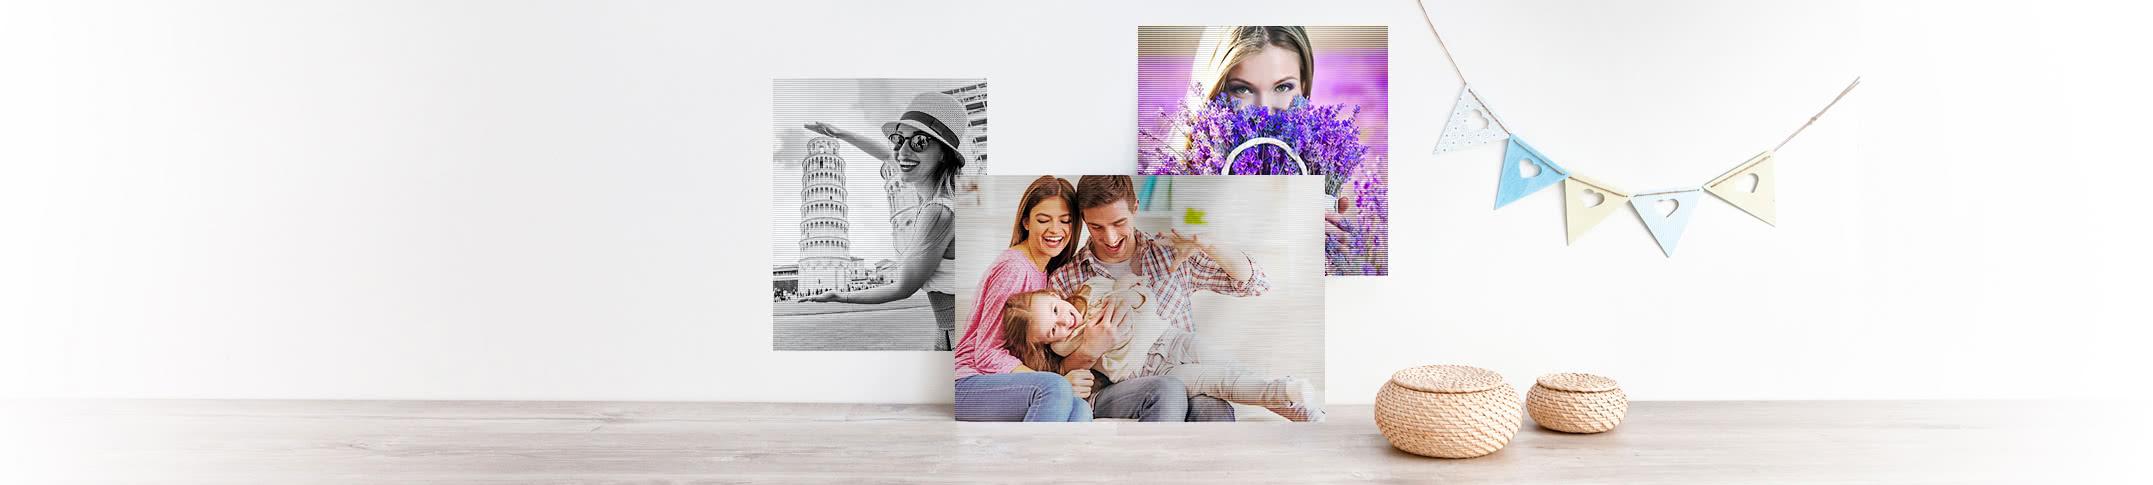 Vægdekoration på metal - Giv dine billeder et moderne udtryk!